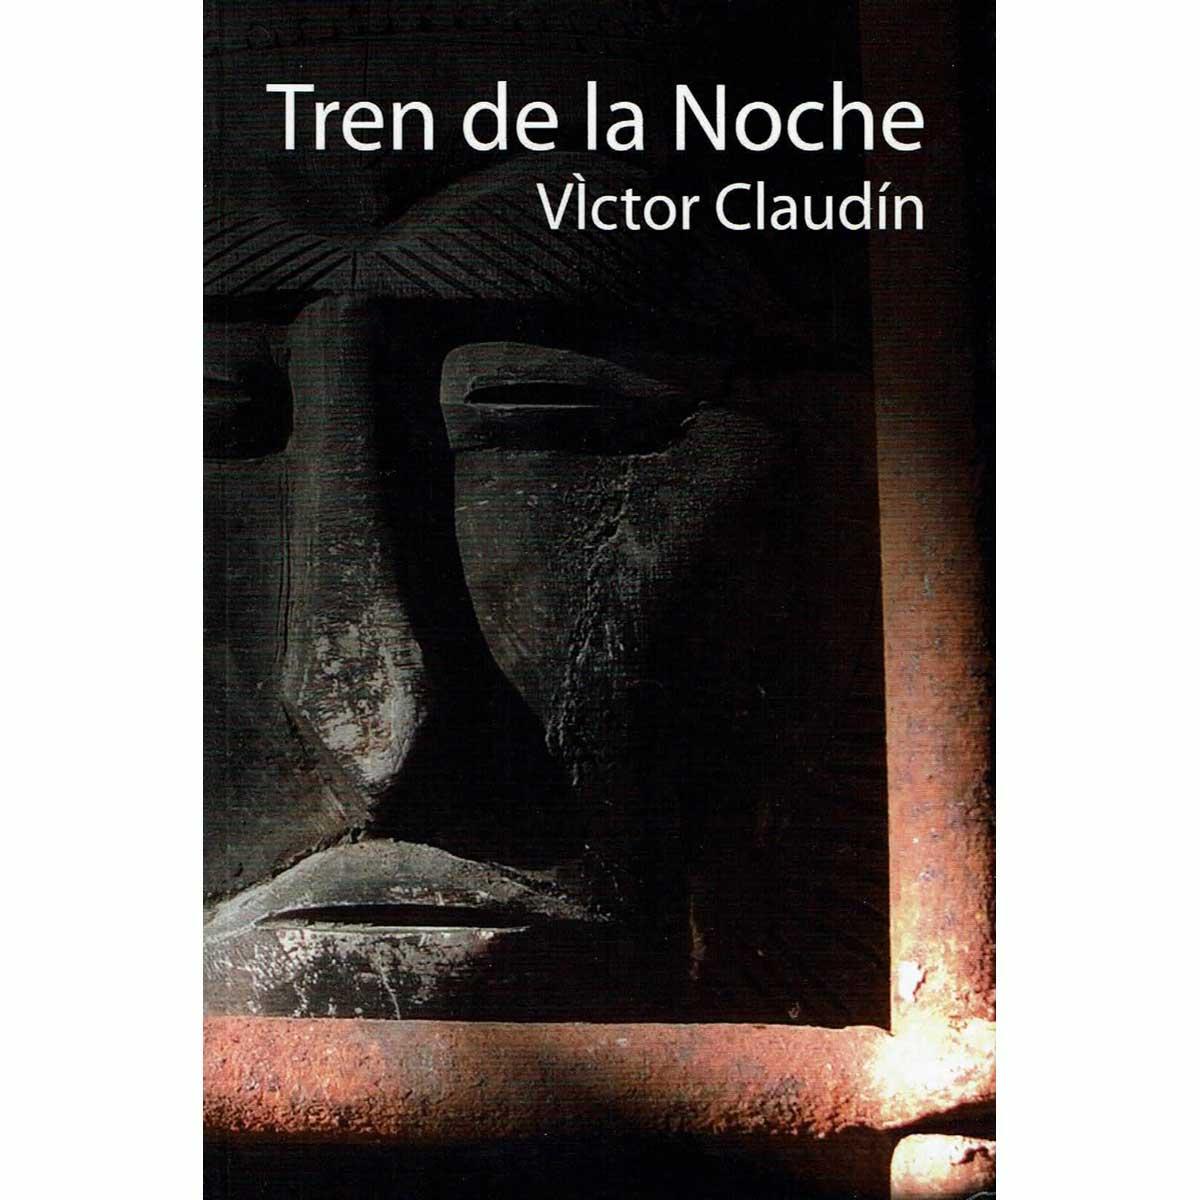 VICTOR CLAUDÍN